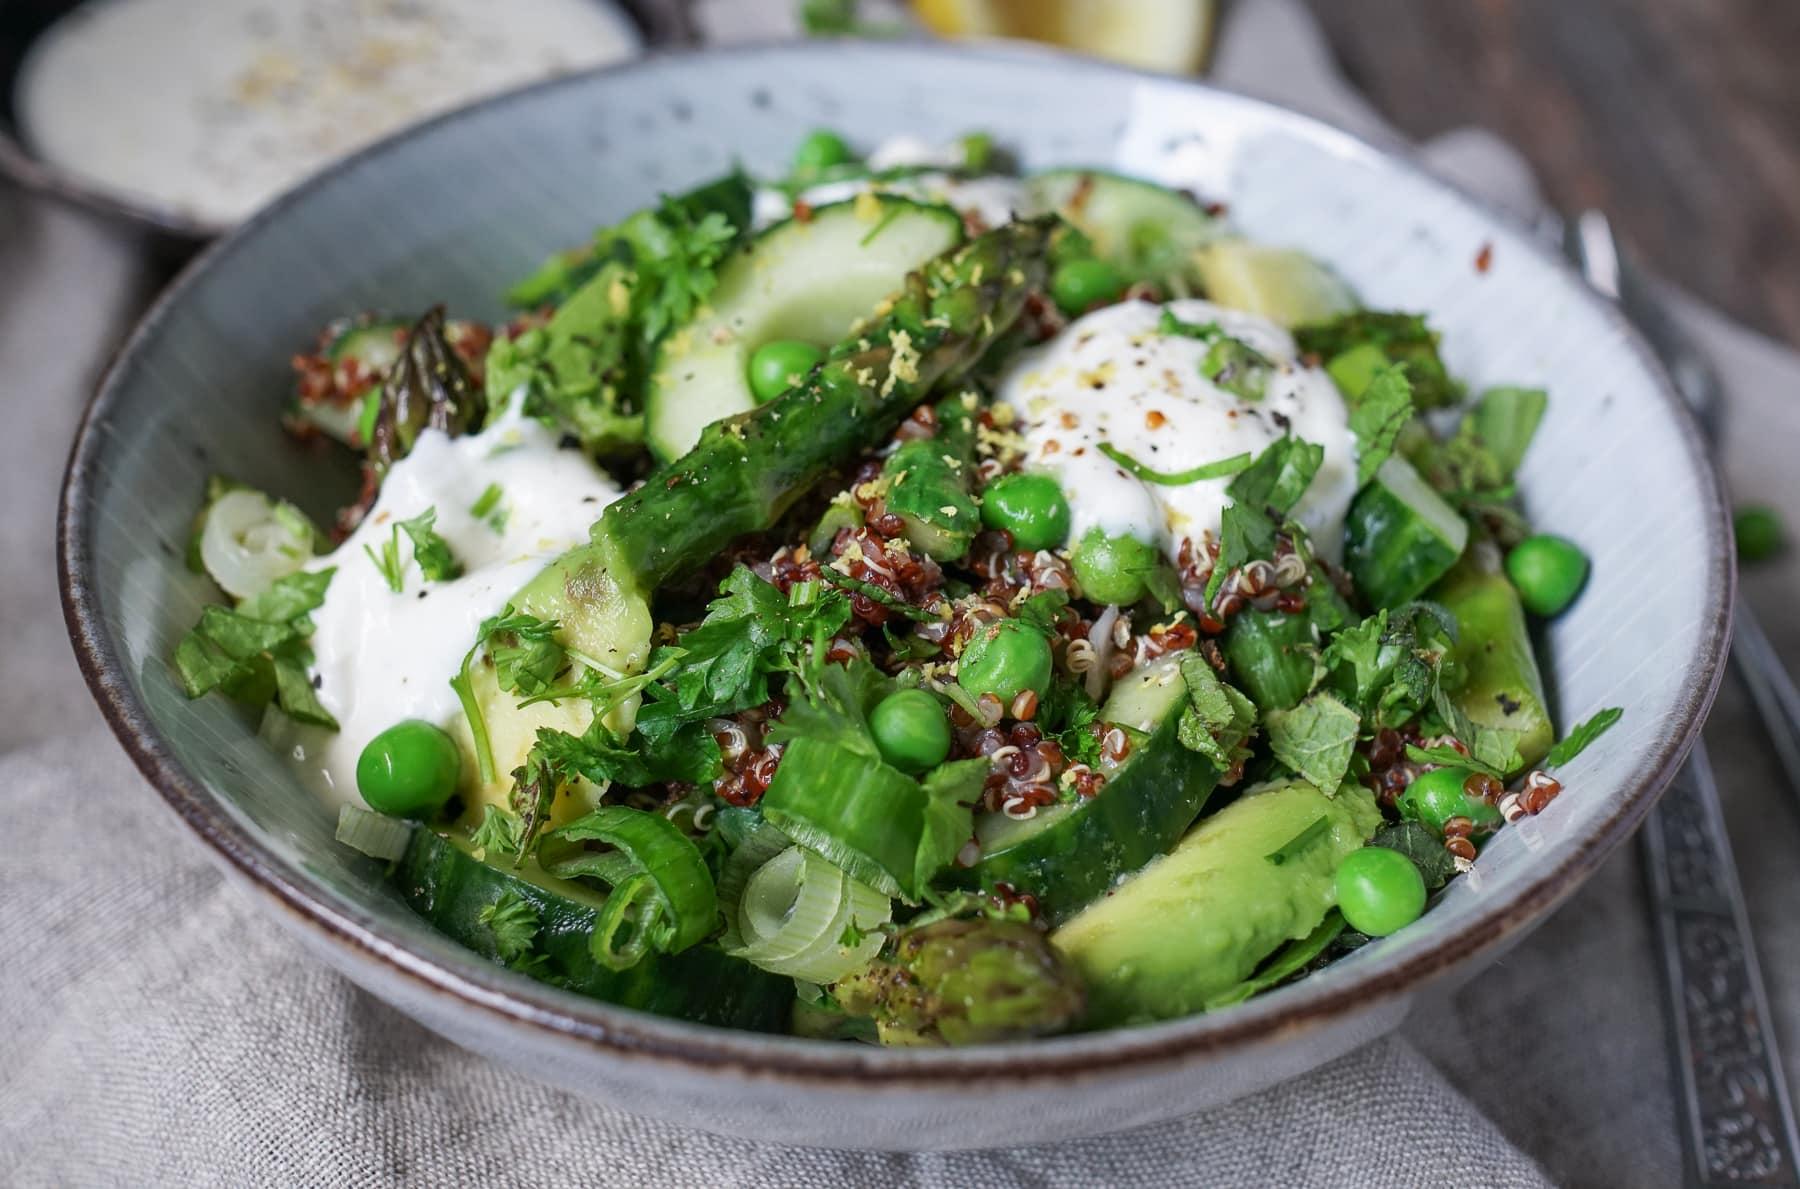 Line macht Quinoa-Salat mit grünem Spargel, Erbsen und Knoblauch-Creme   Line kocht   Was is hier eigentlich los?